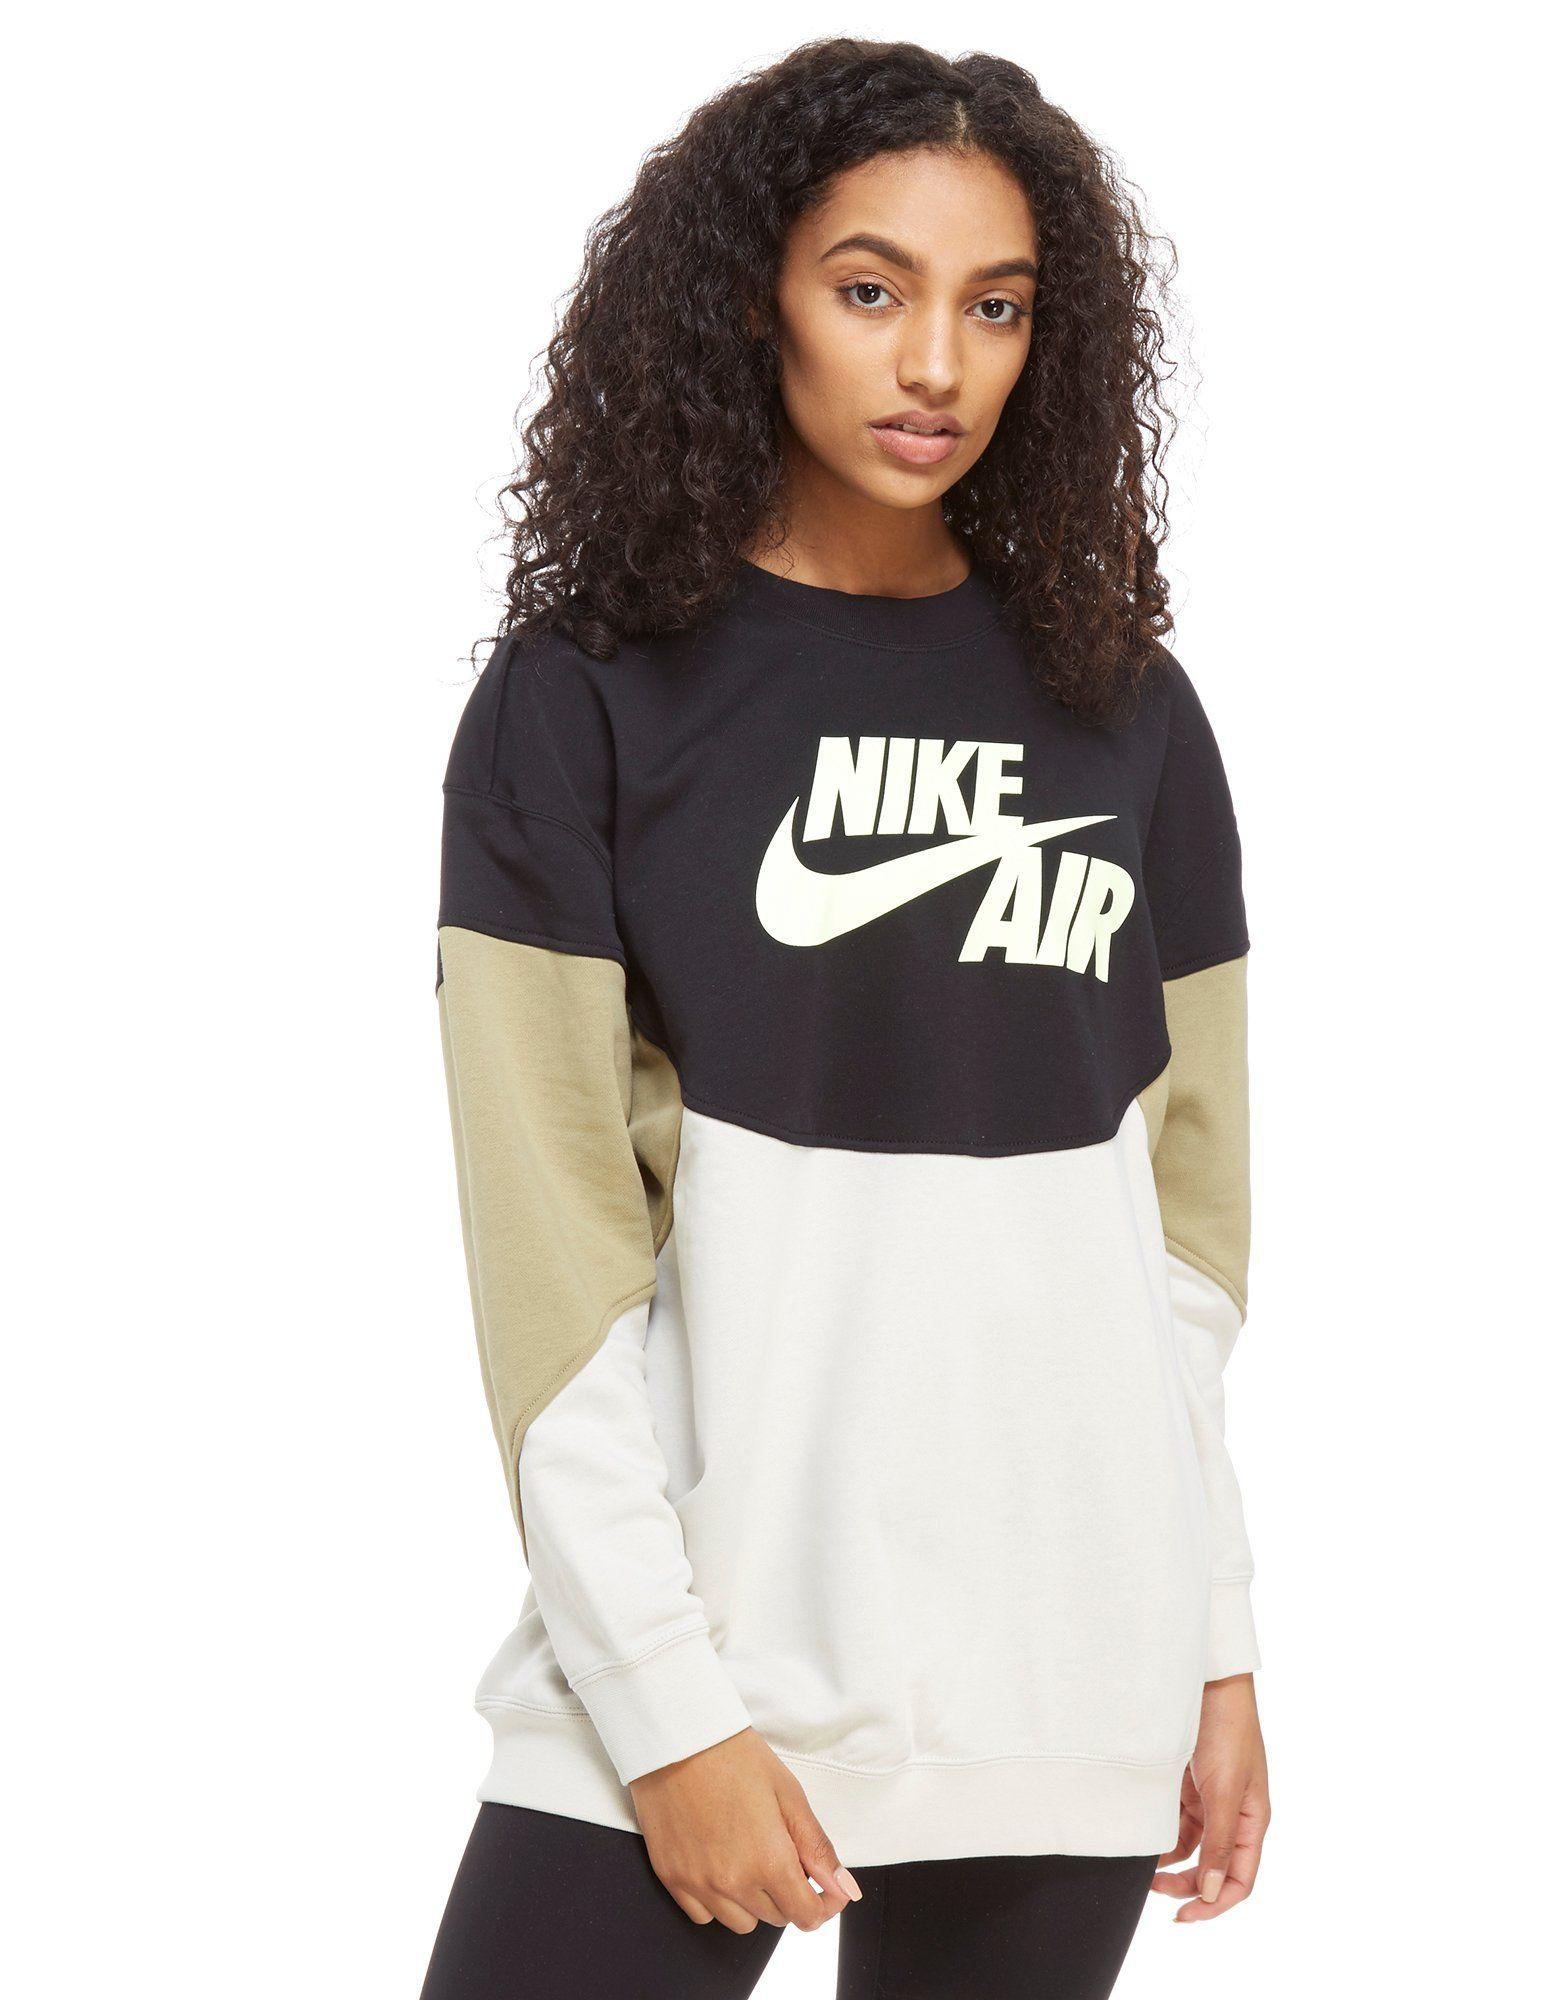 Nike Air Colourblock Crew Sweatshirt